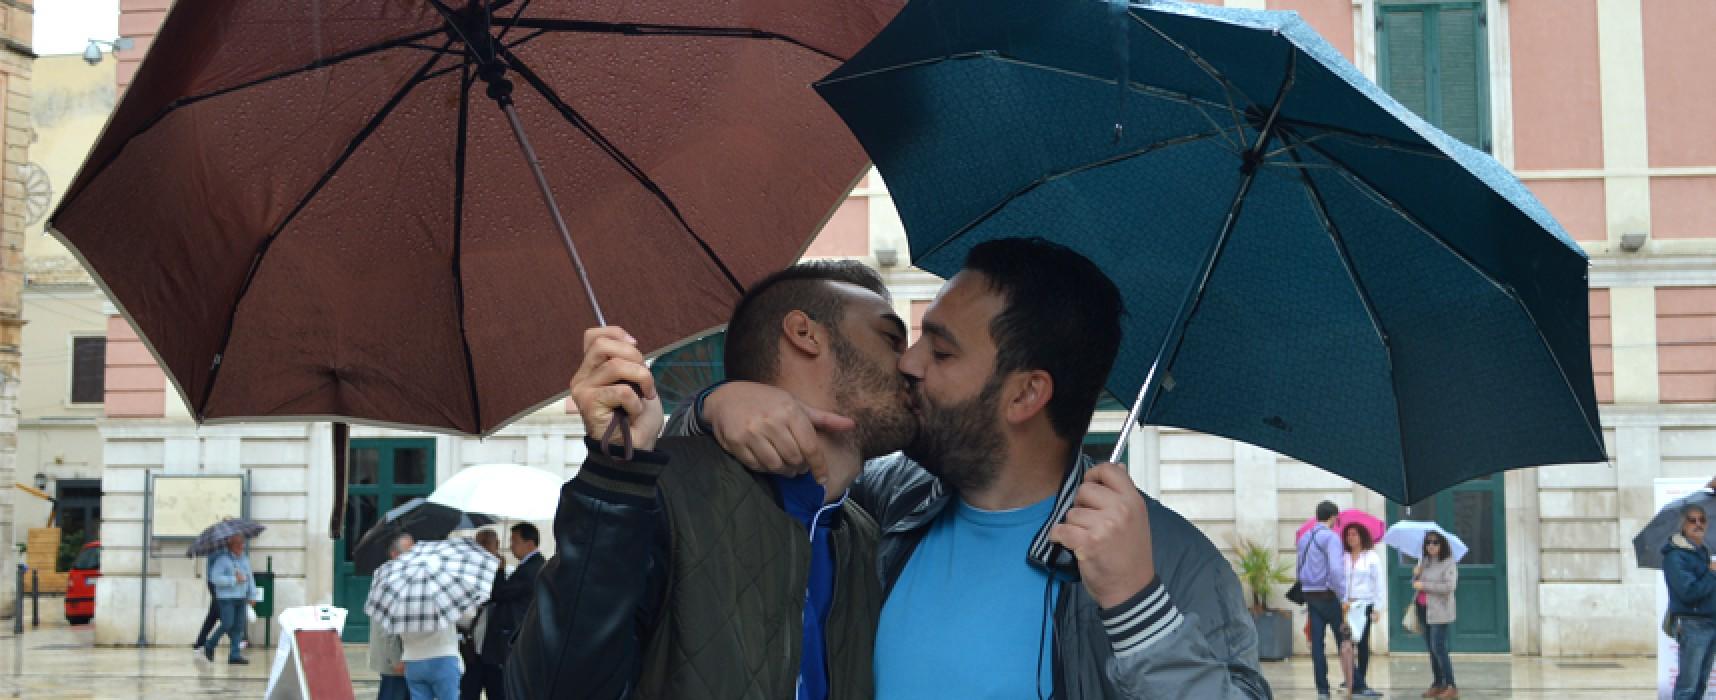 Sentinelle in Piedi in piazza per la famiglia naturale, coppia gay risponde baciandosi / FOTO e VIDEO